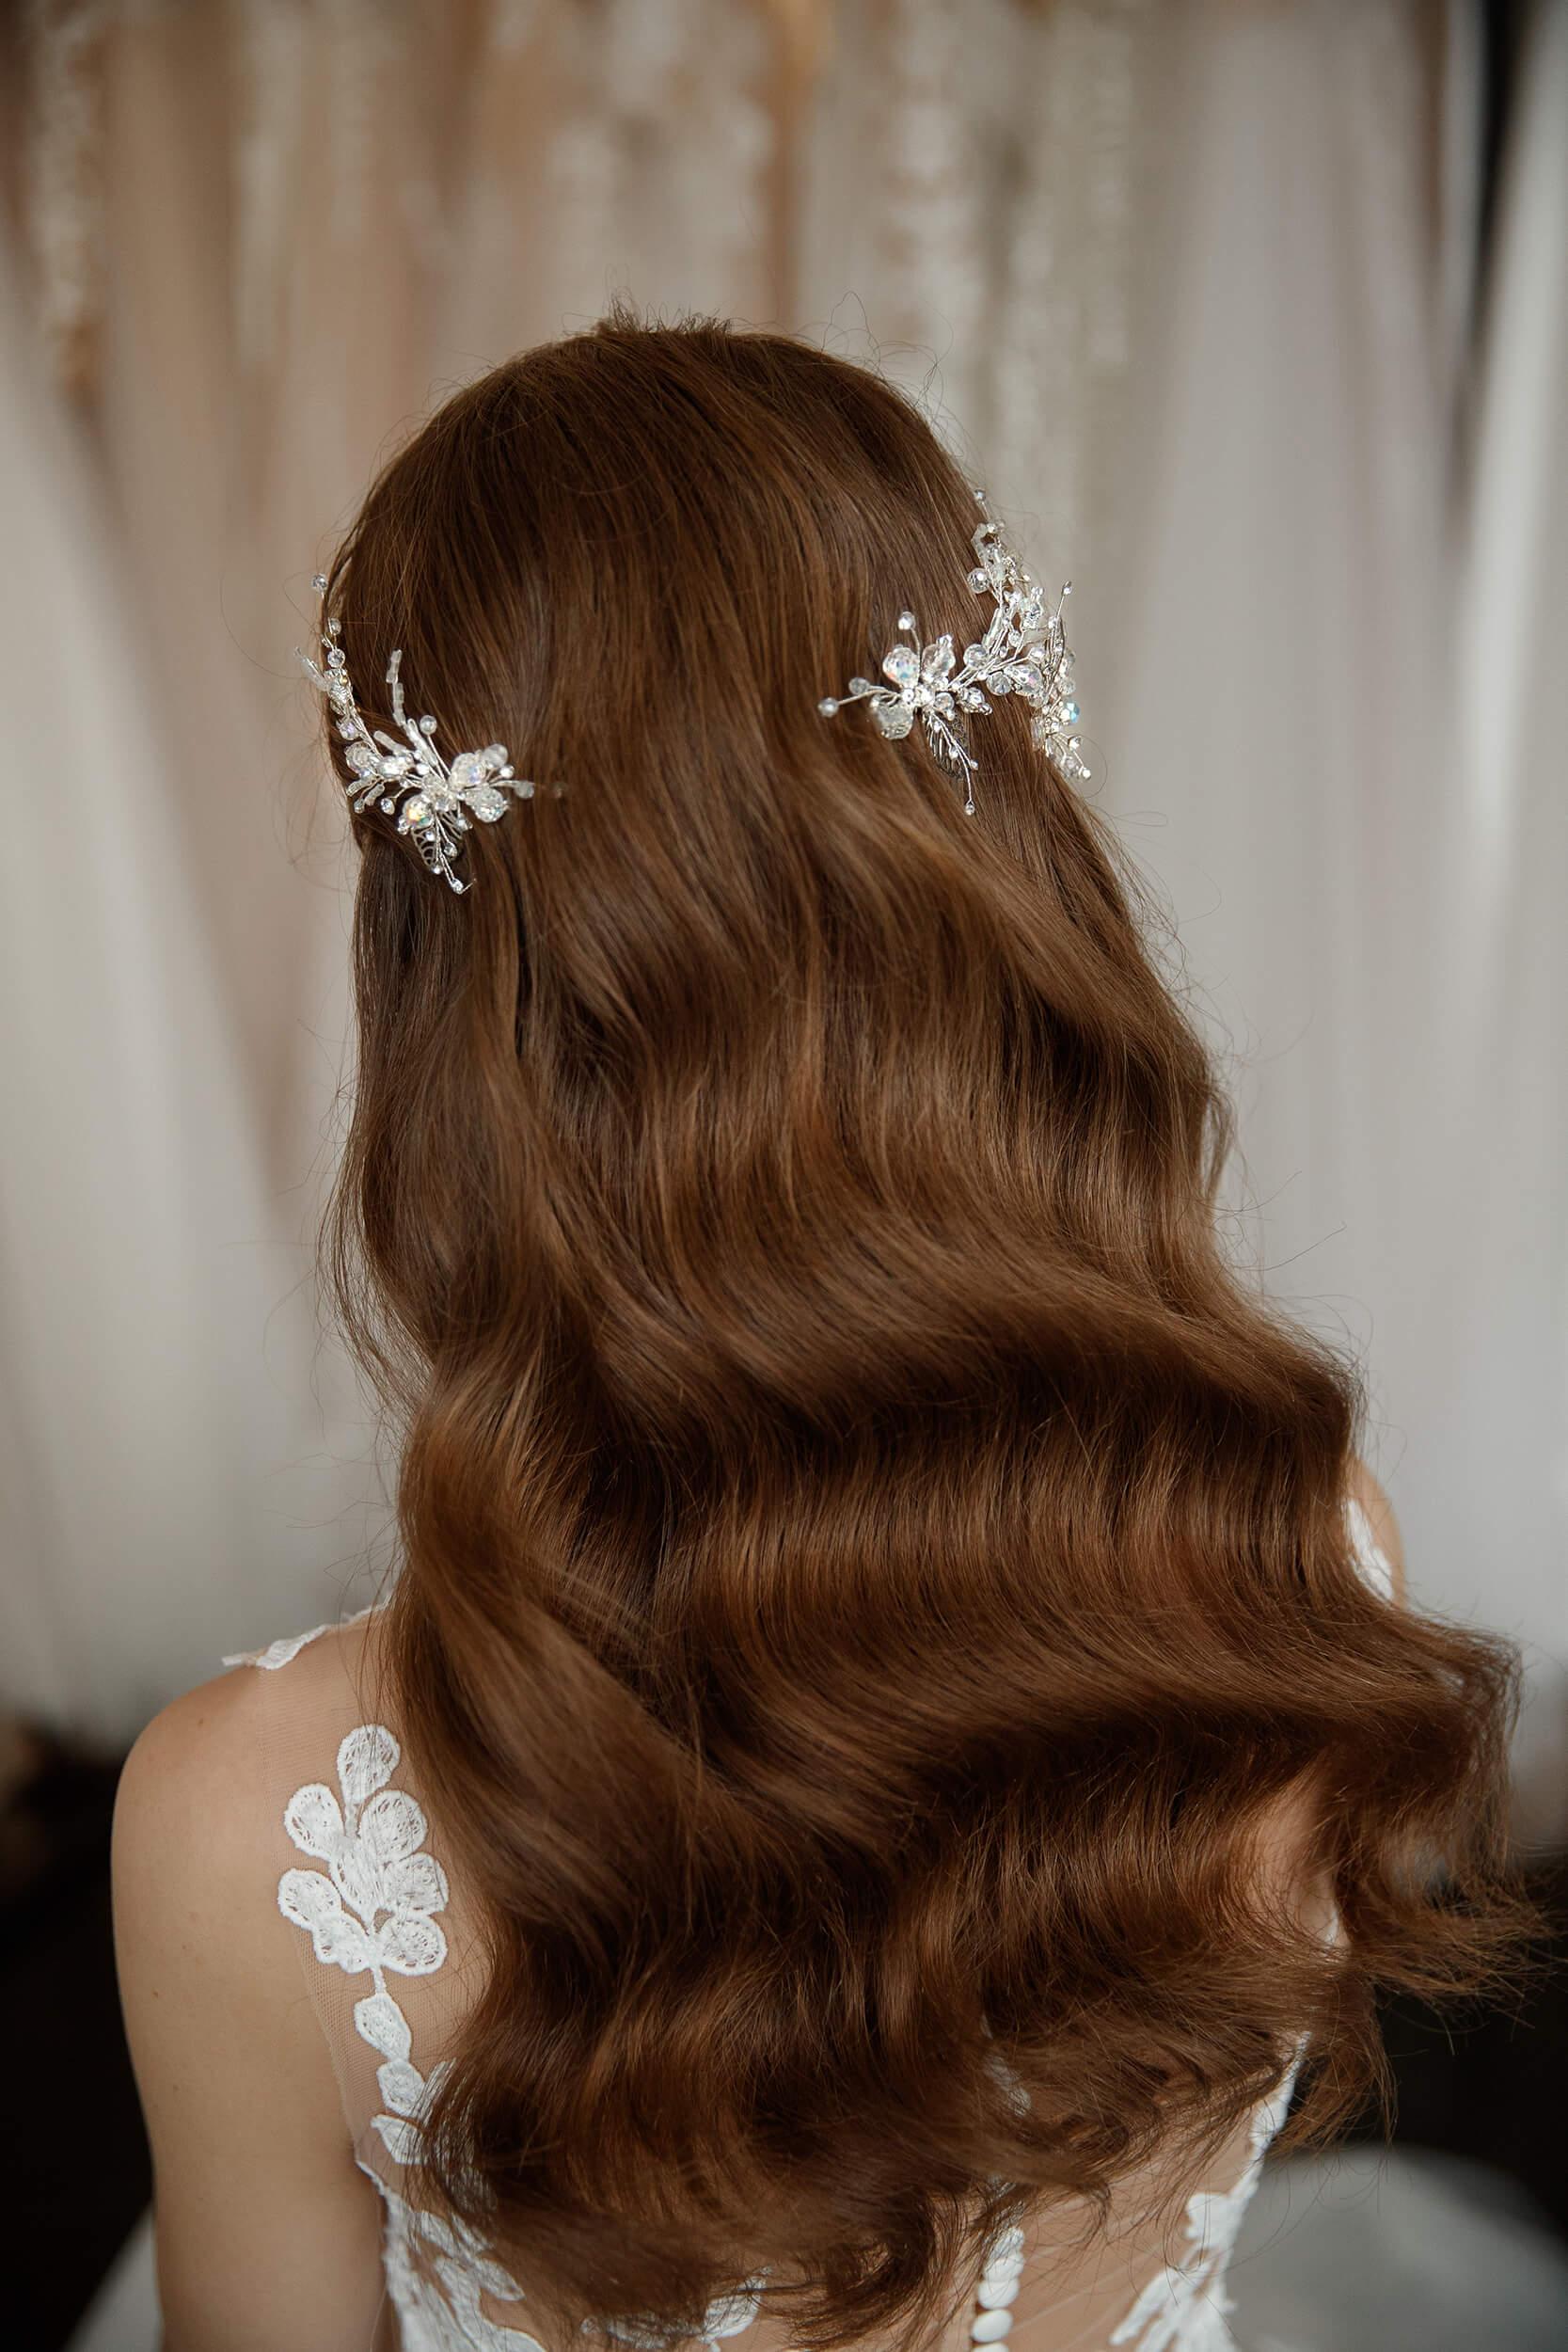 красивые шпильки для волос(3) | Vero